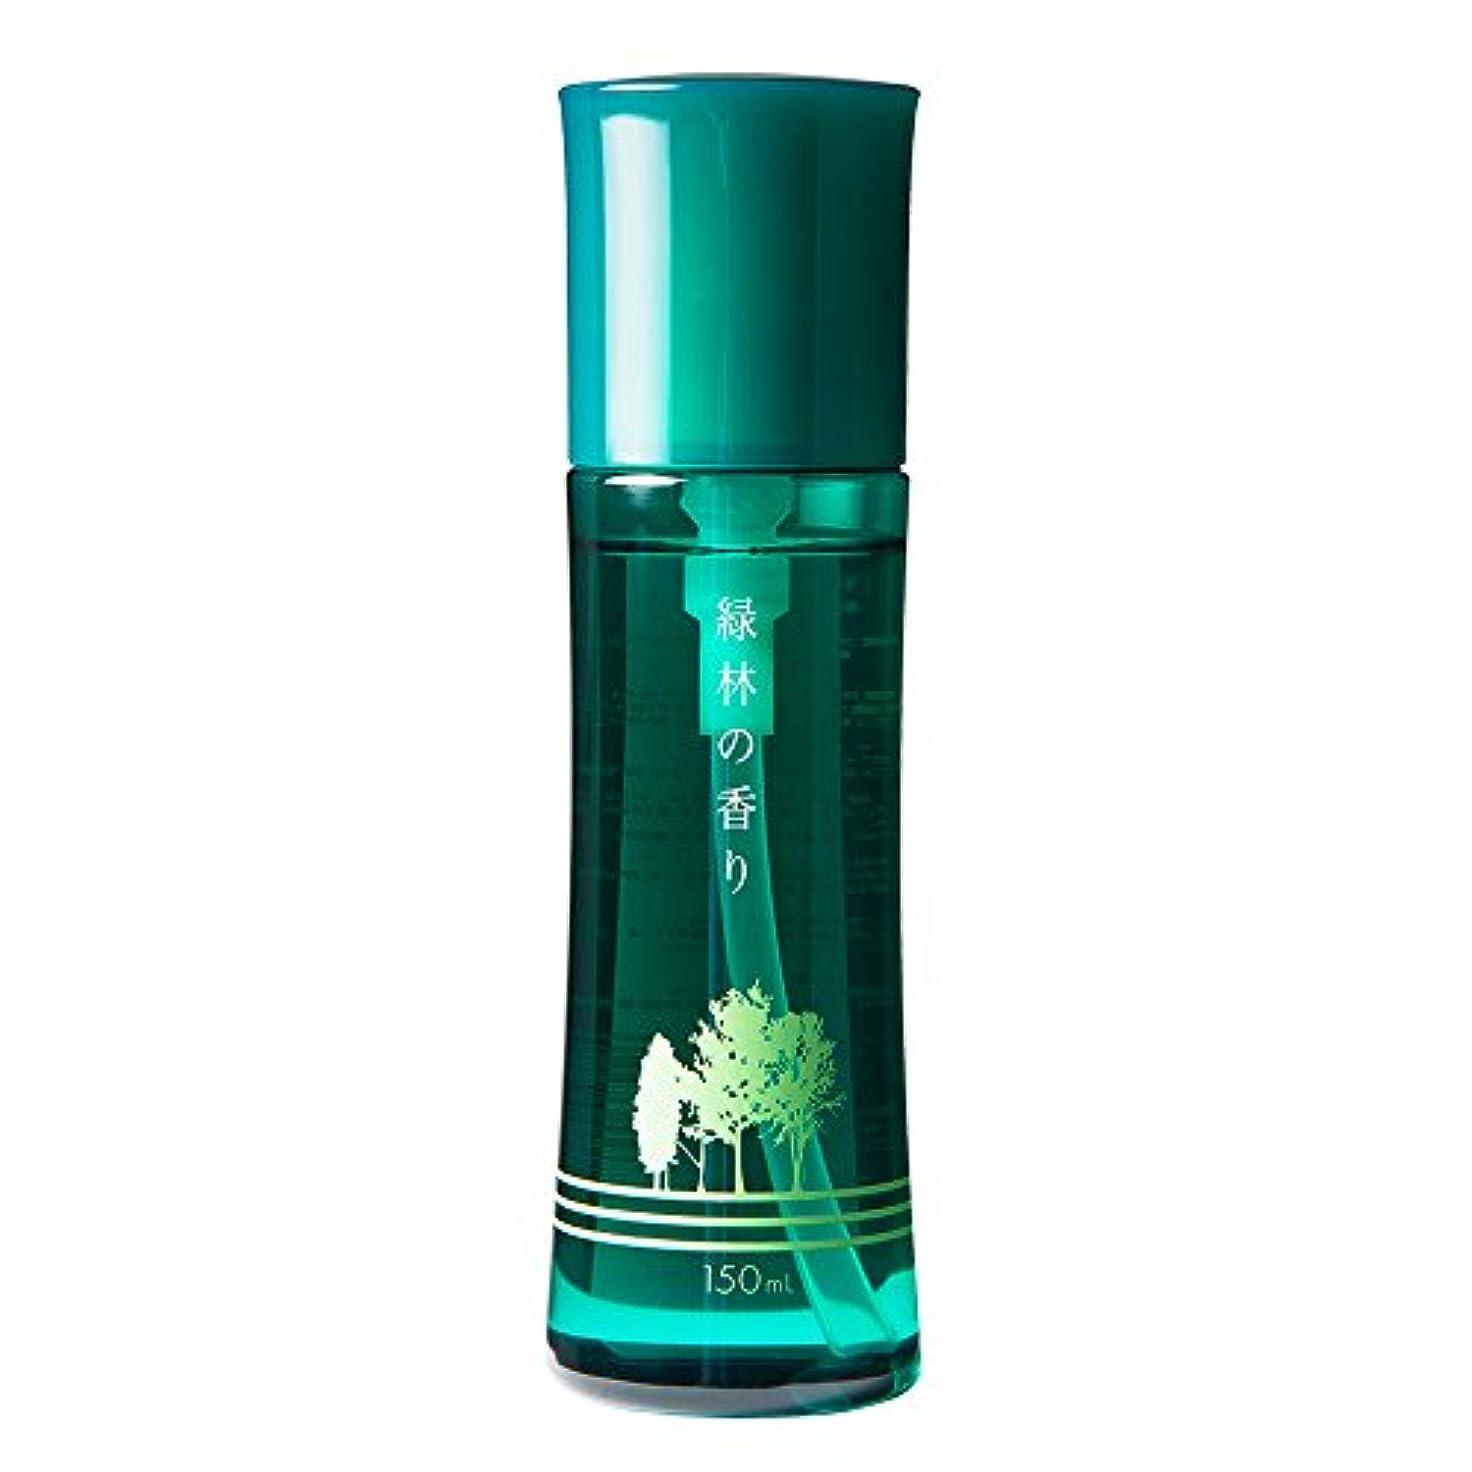 暖かさ心のこもったギャロップ芳香剤「緑林の香り(みどりの香り)」150mL 日本予防医薬